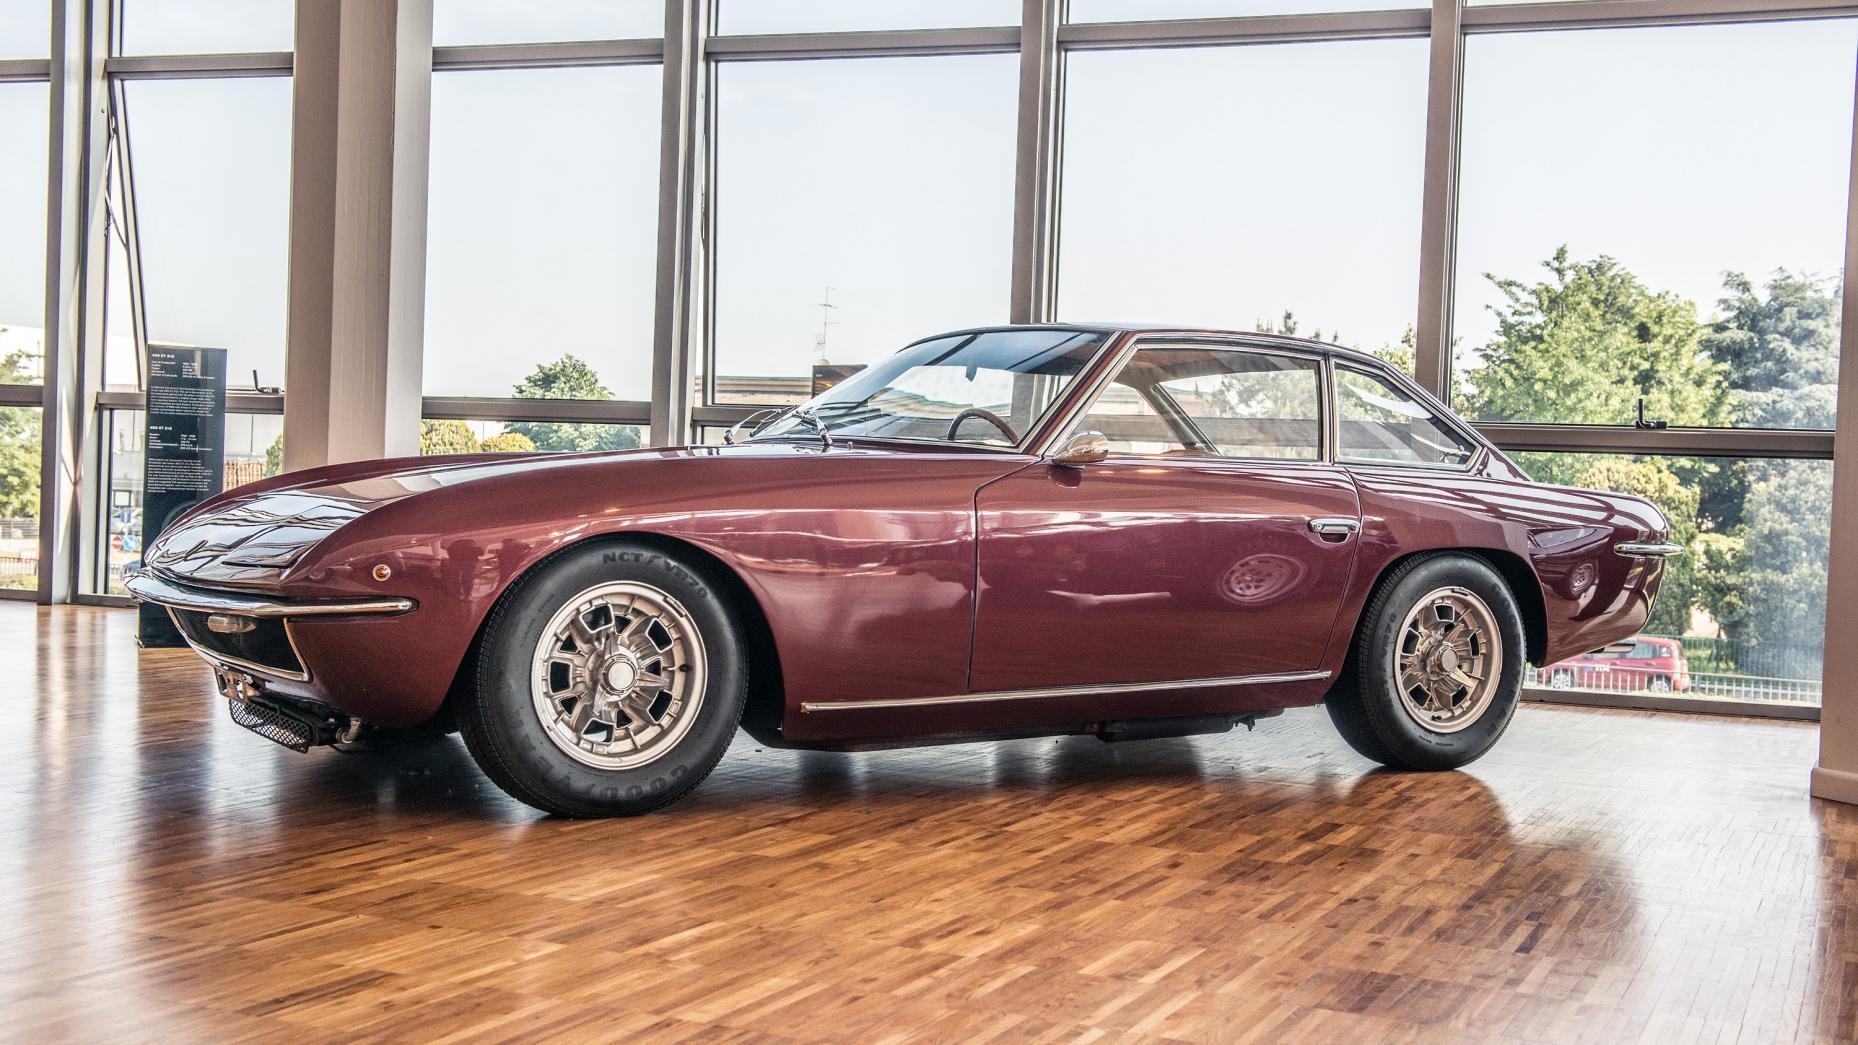 Cùng chiêm ngưỡng bảo tàng của siêu xe Lamborghini 18